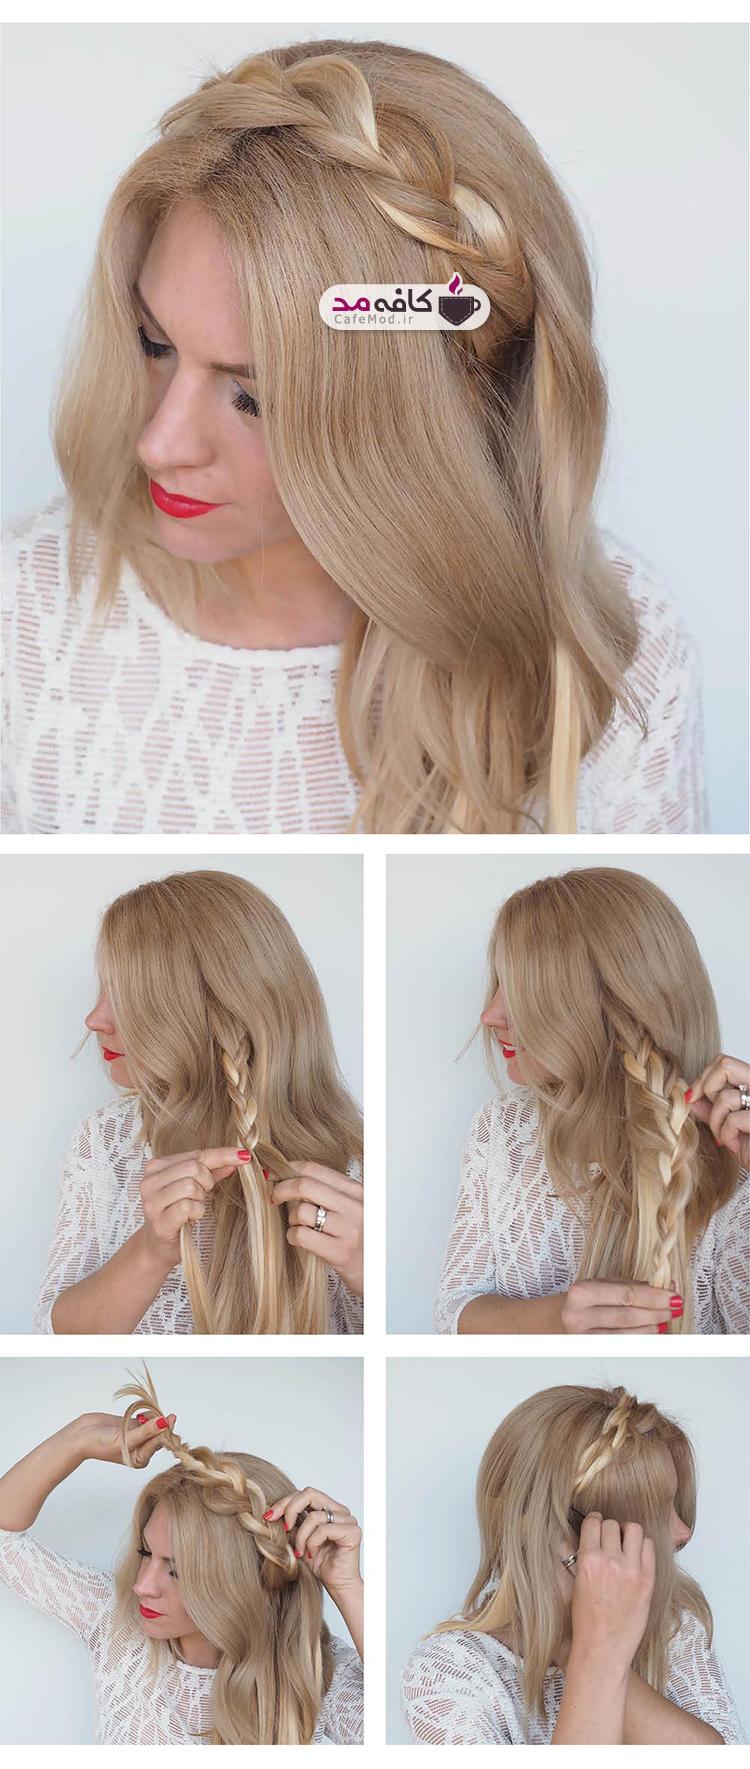 آموزش تصویری بافت موی ساده و زیبا